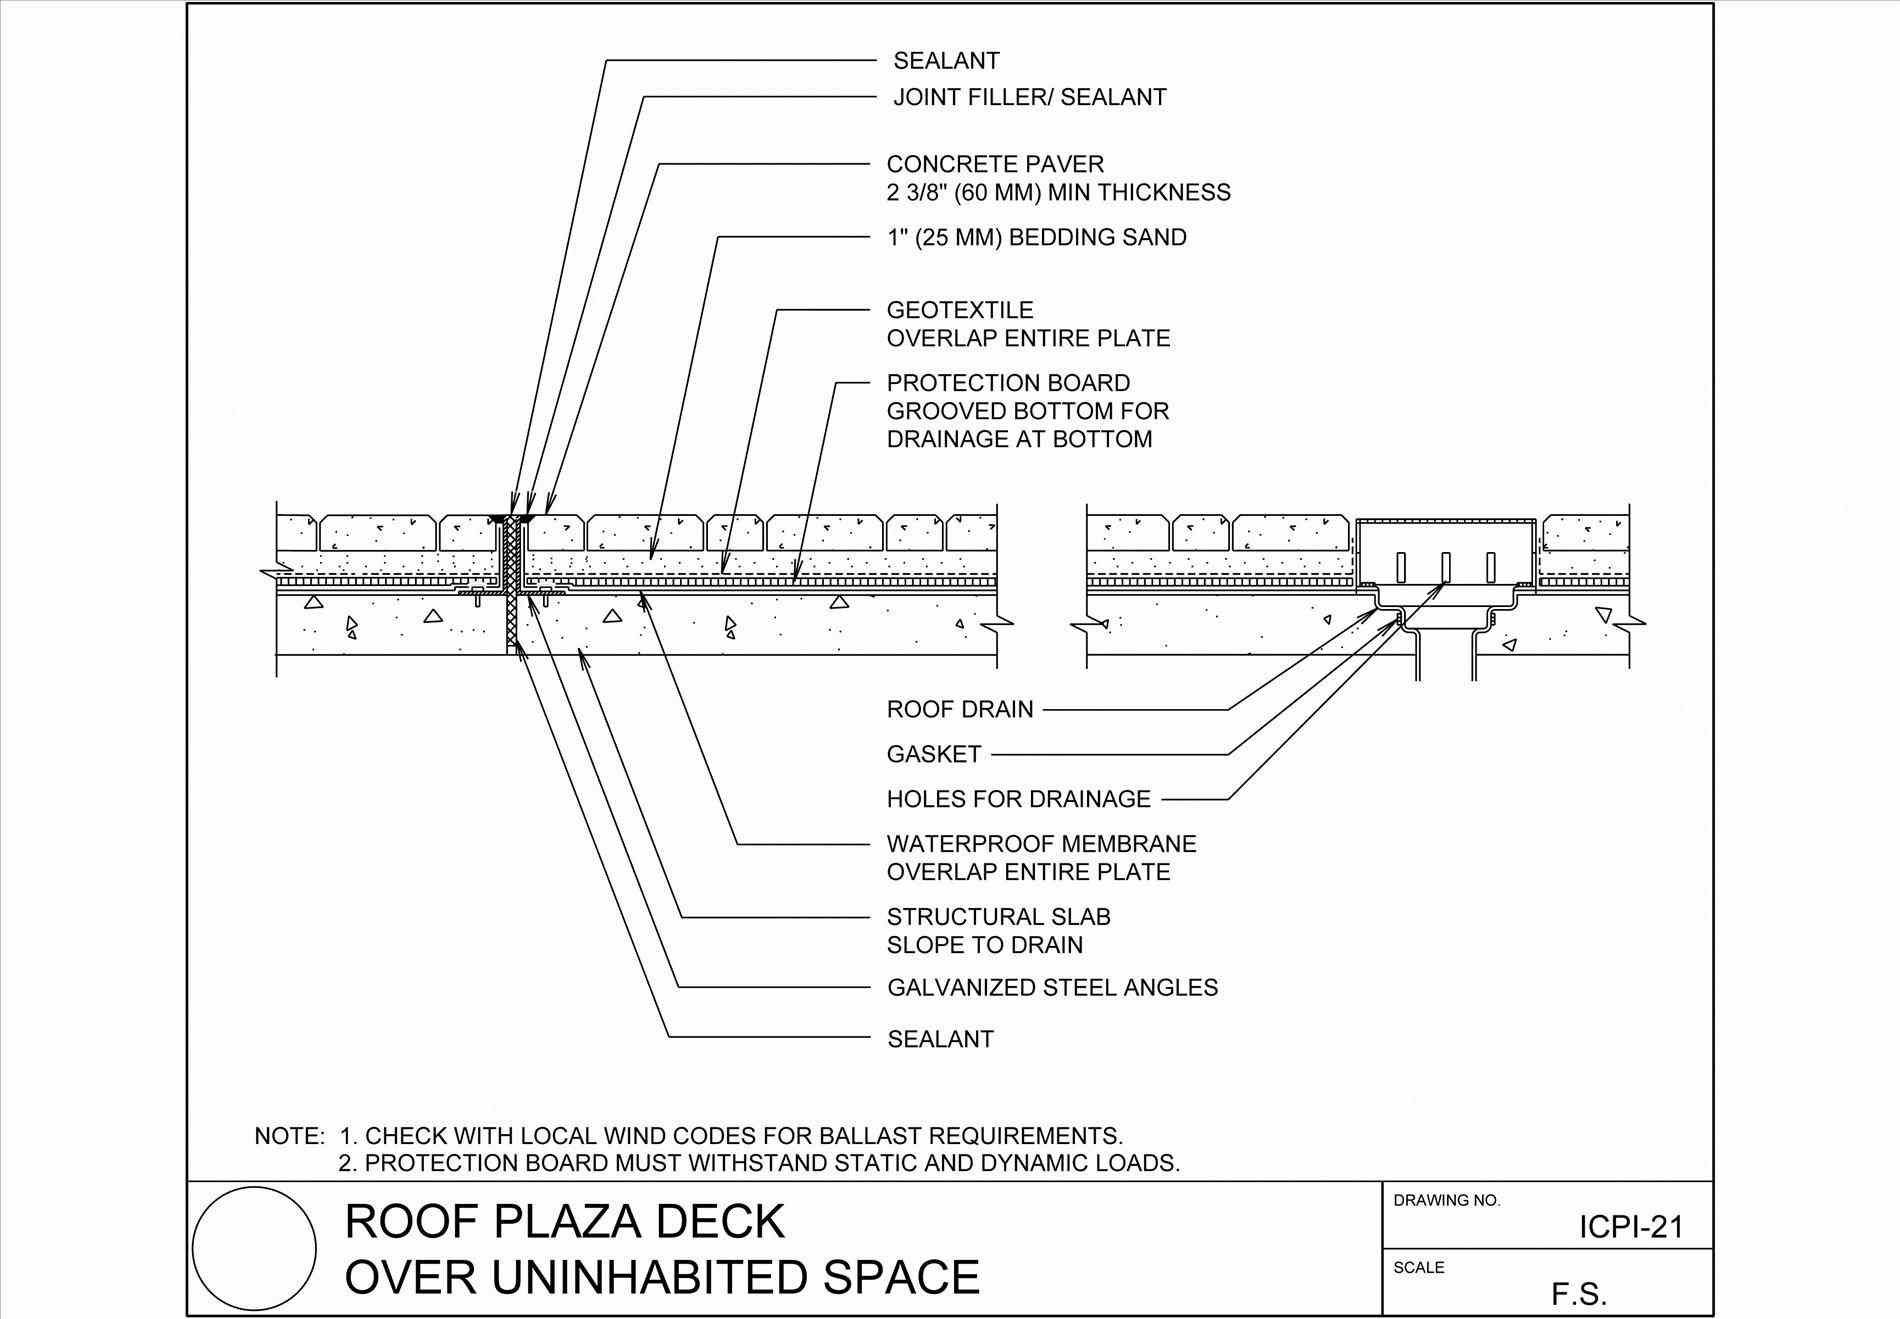 Roof Concrete Roof Tile Details Roofs Concrete roof